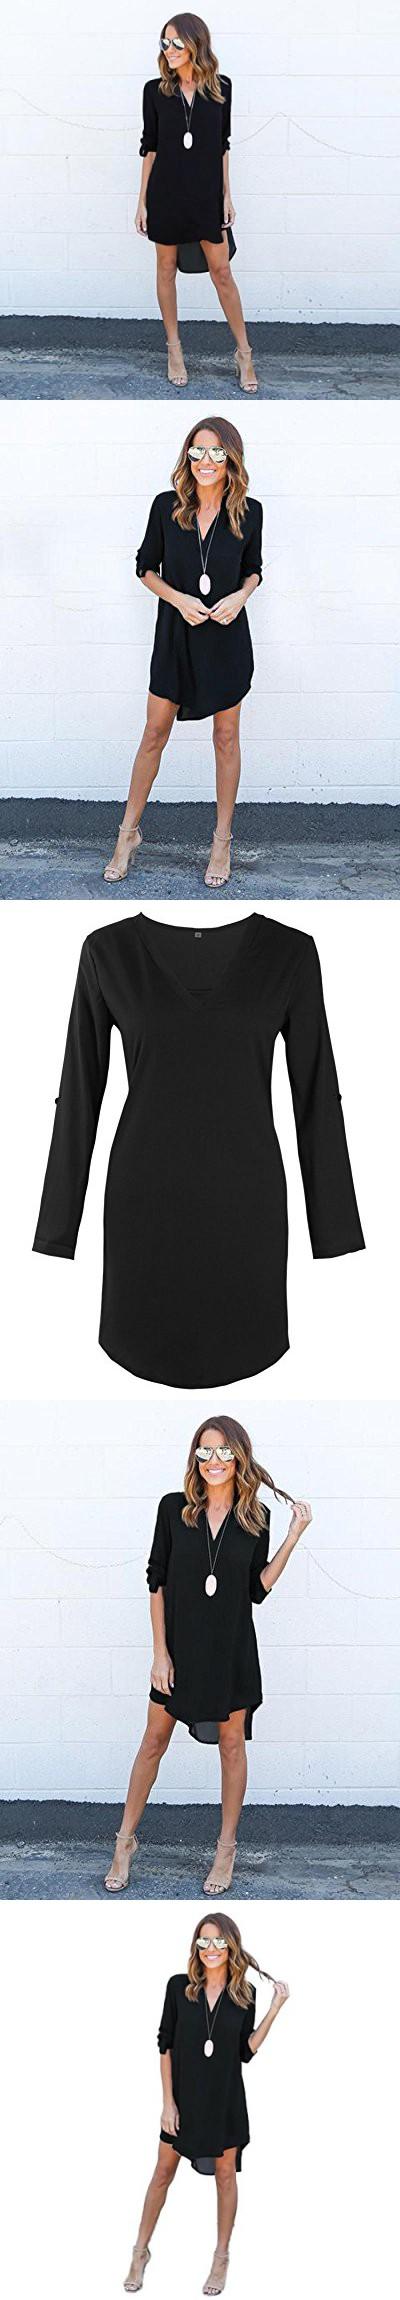 CreazyÃuawomen blouse chiffon long sleeve t shirt casual dress